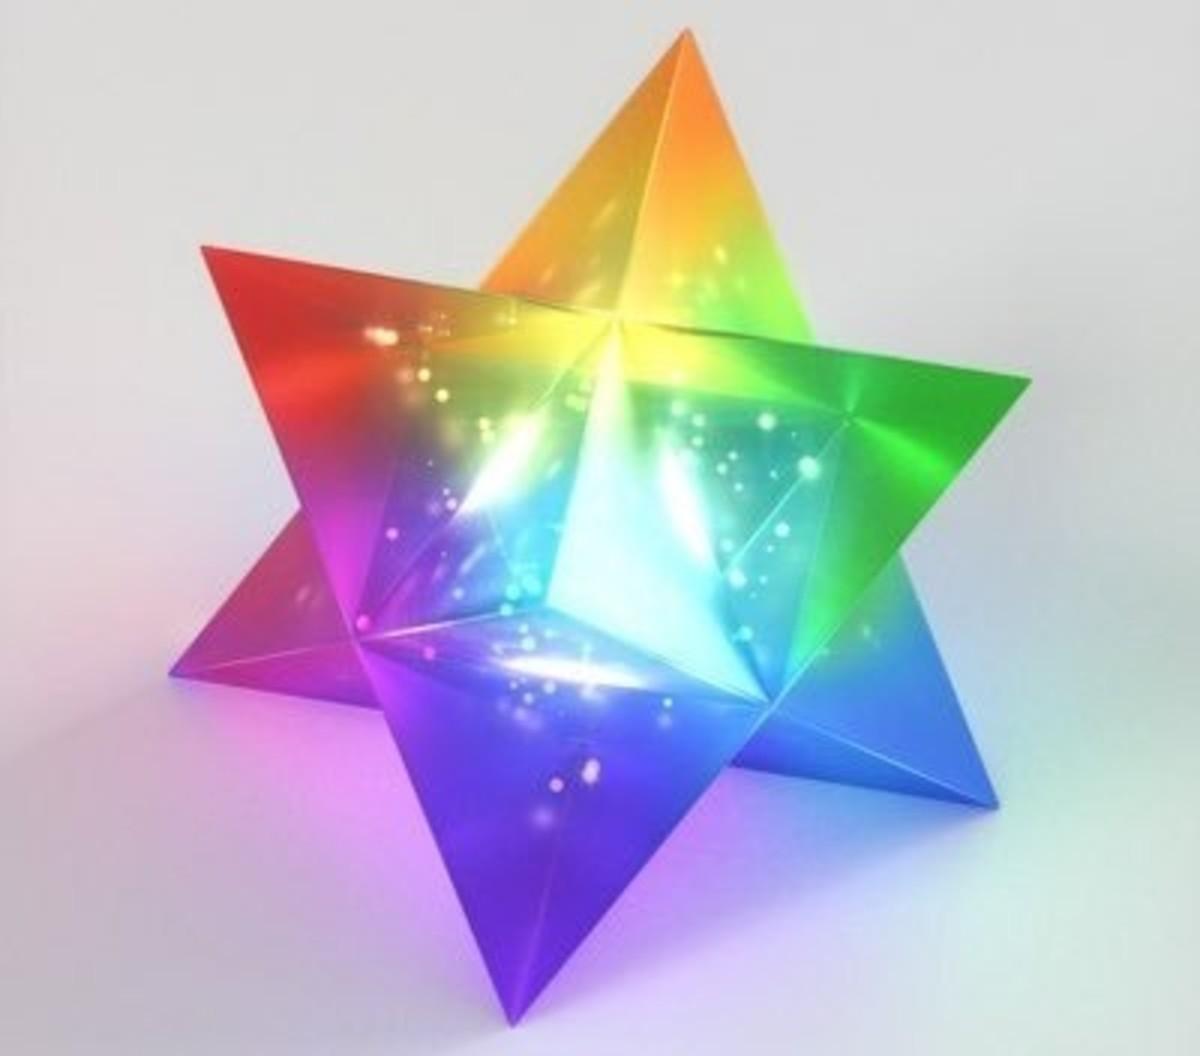 Saint quartz, the game's premium resource